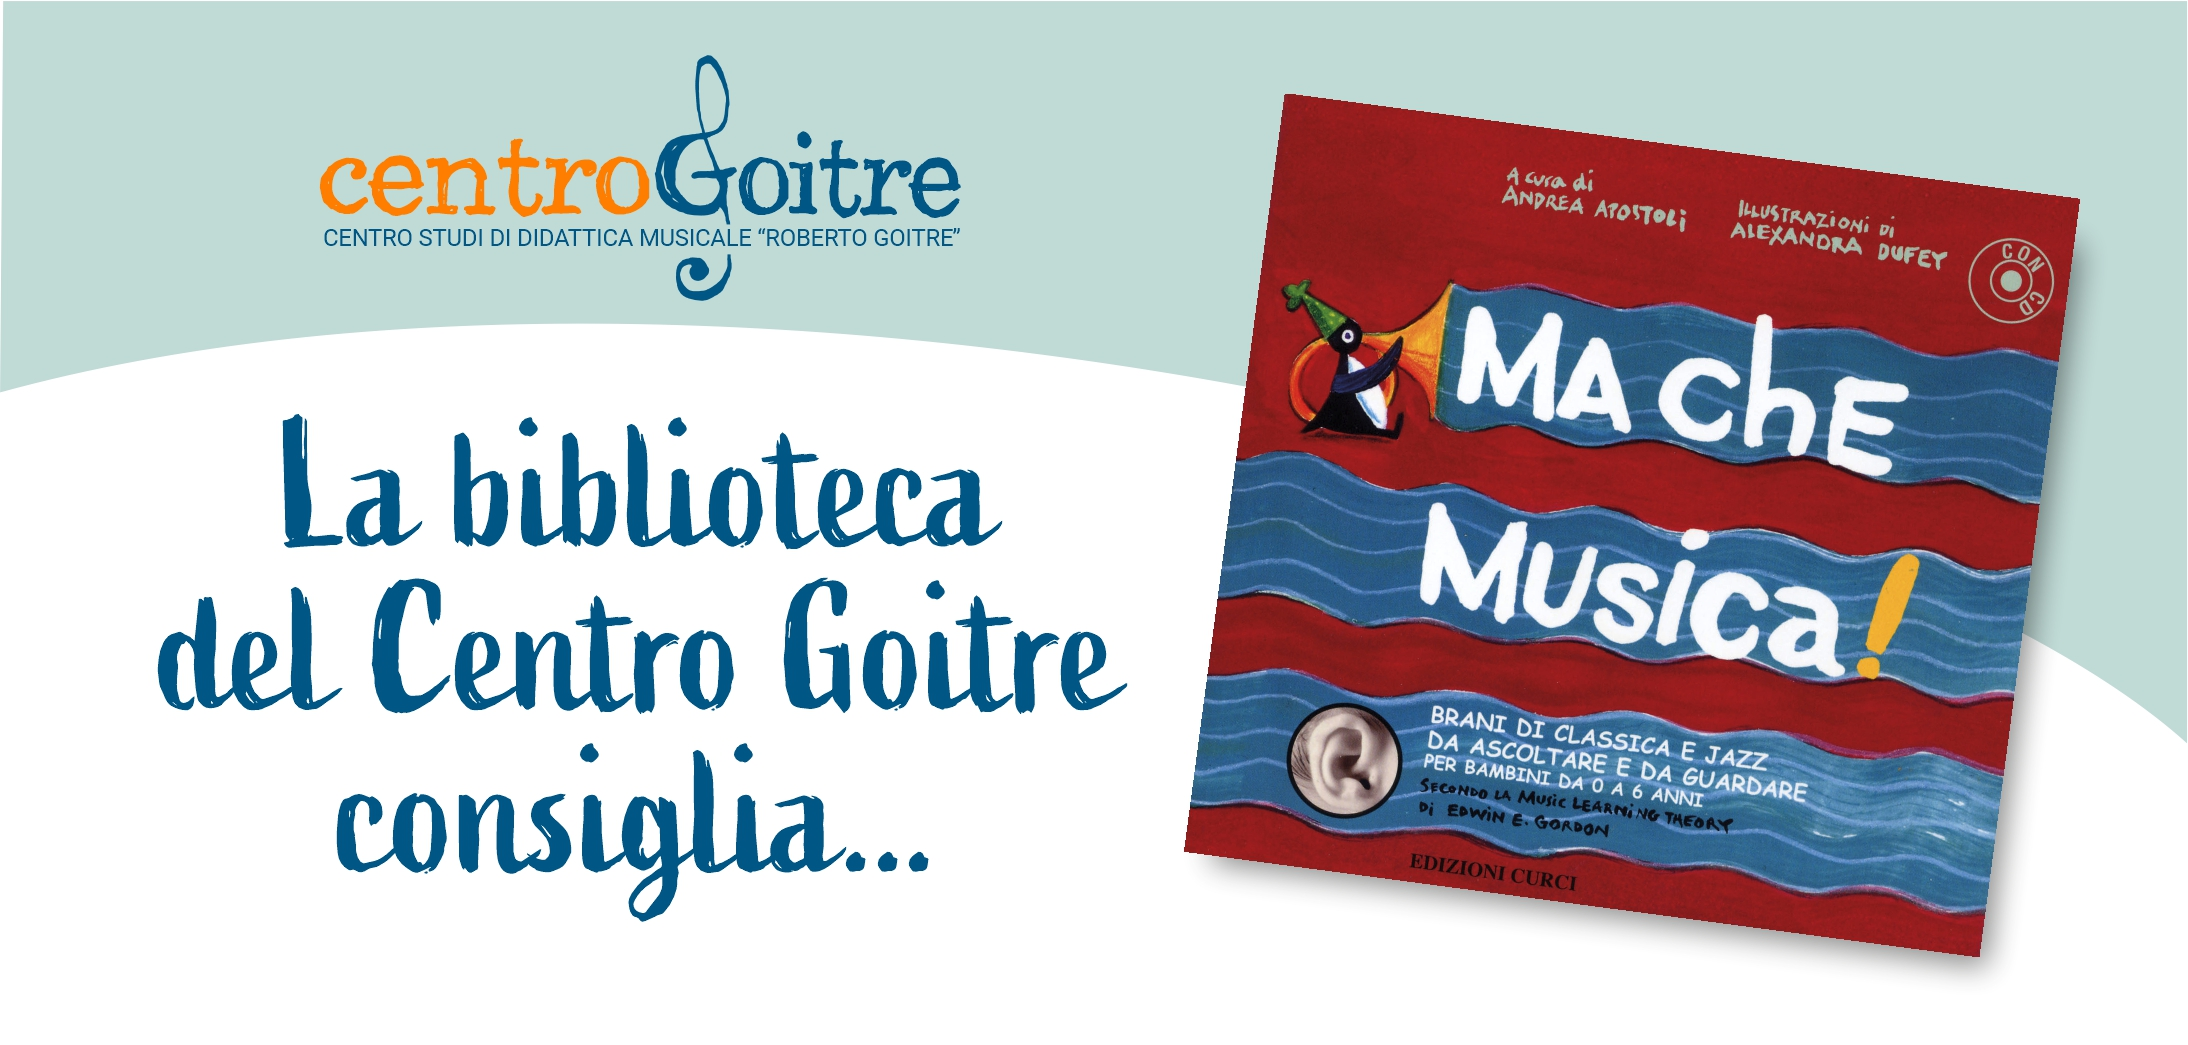 Collana Ma che Musica!